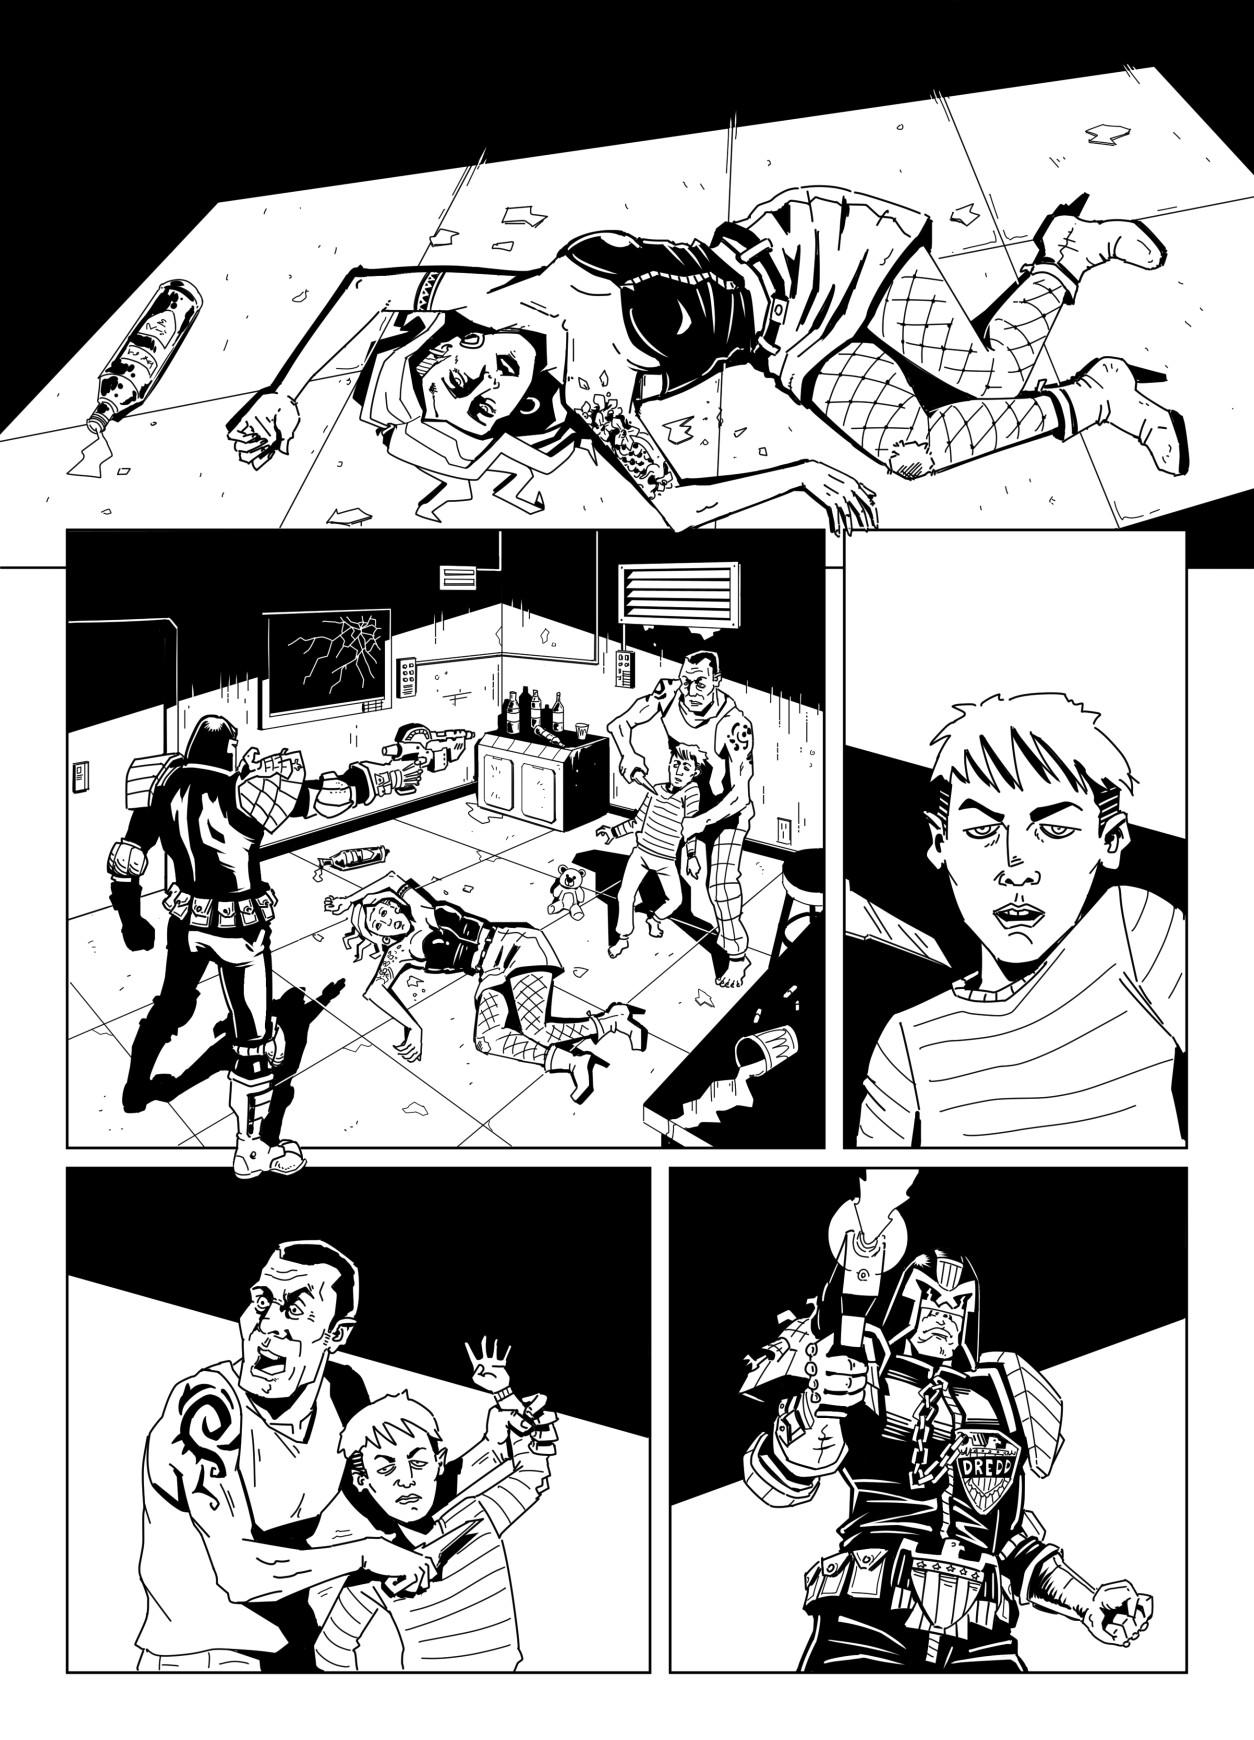 John ciarfuglia a4 page 1 no lett